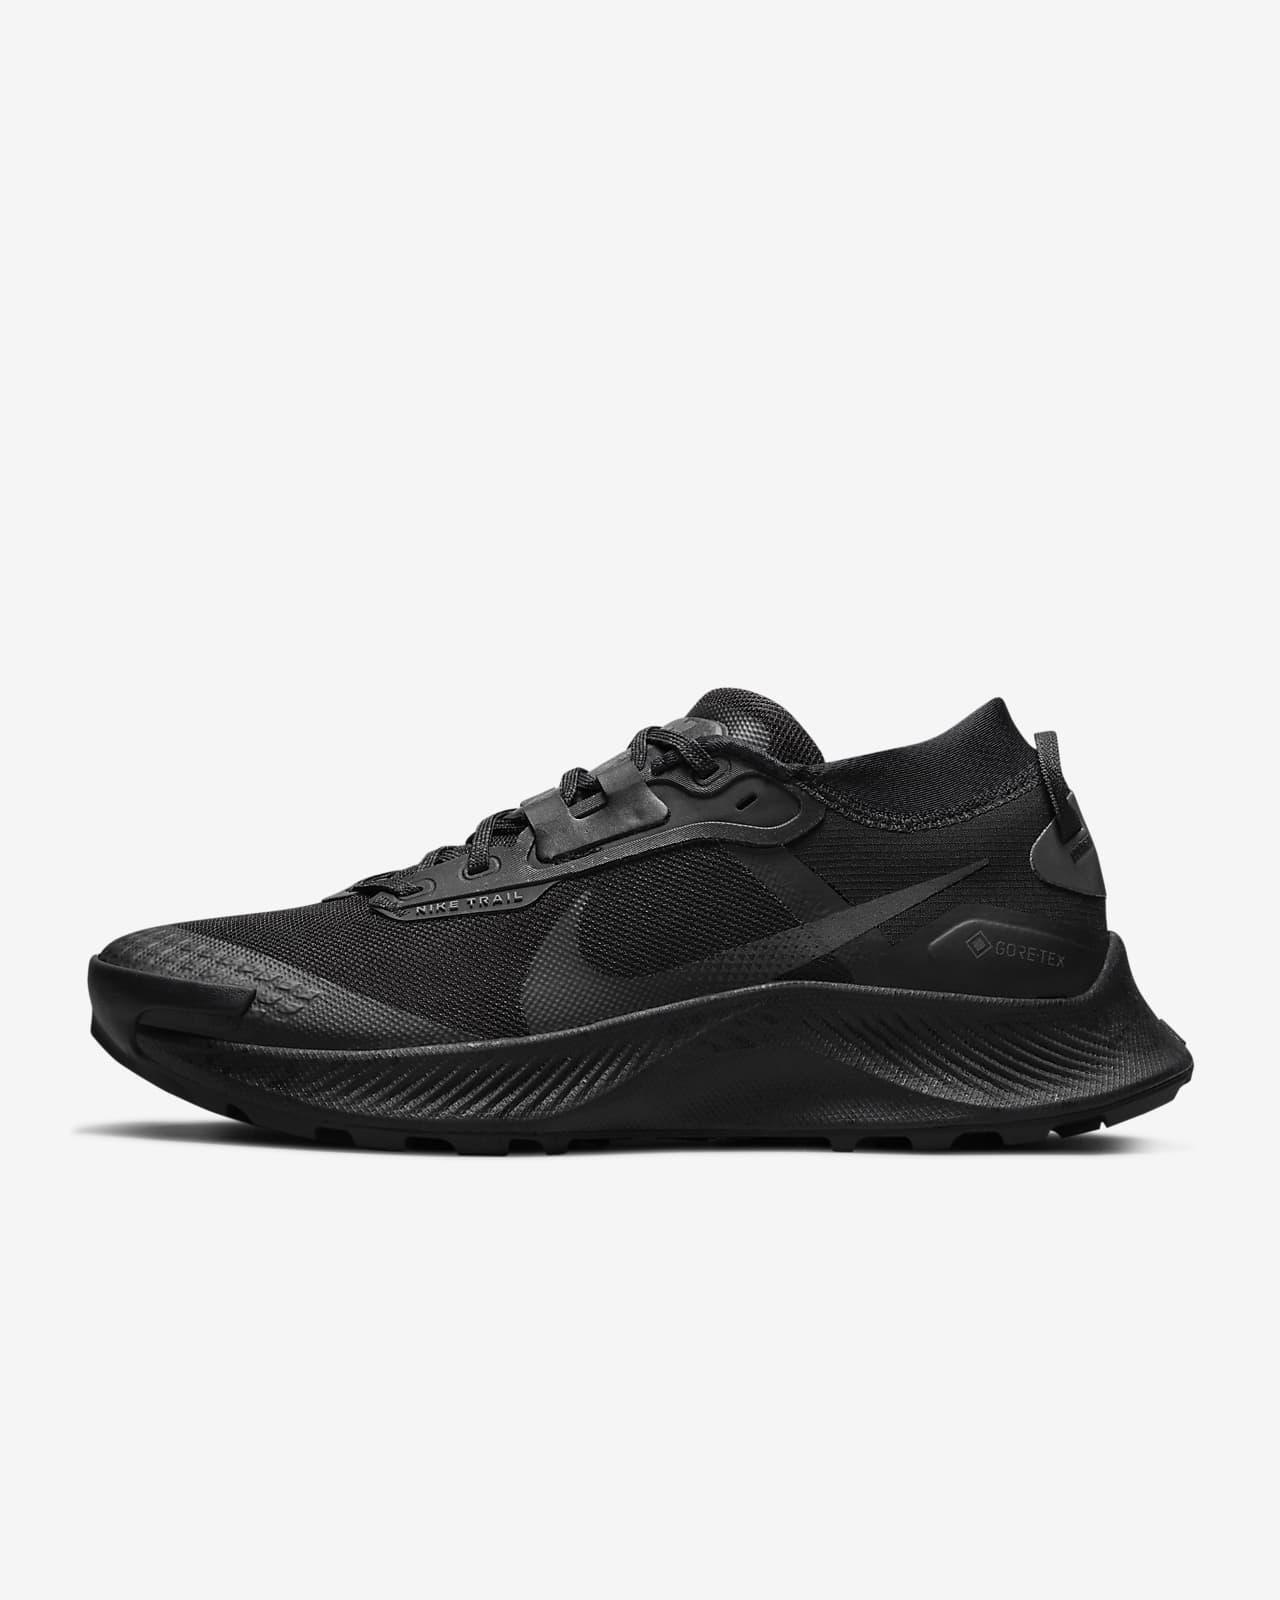 Chaussures de trail imperméables Nike Pegasus Trail 3 GORE-TEX pour Femme